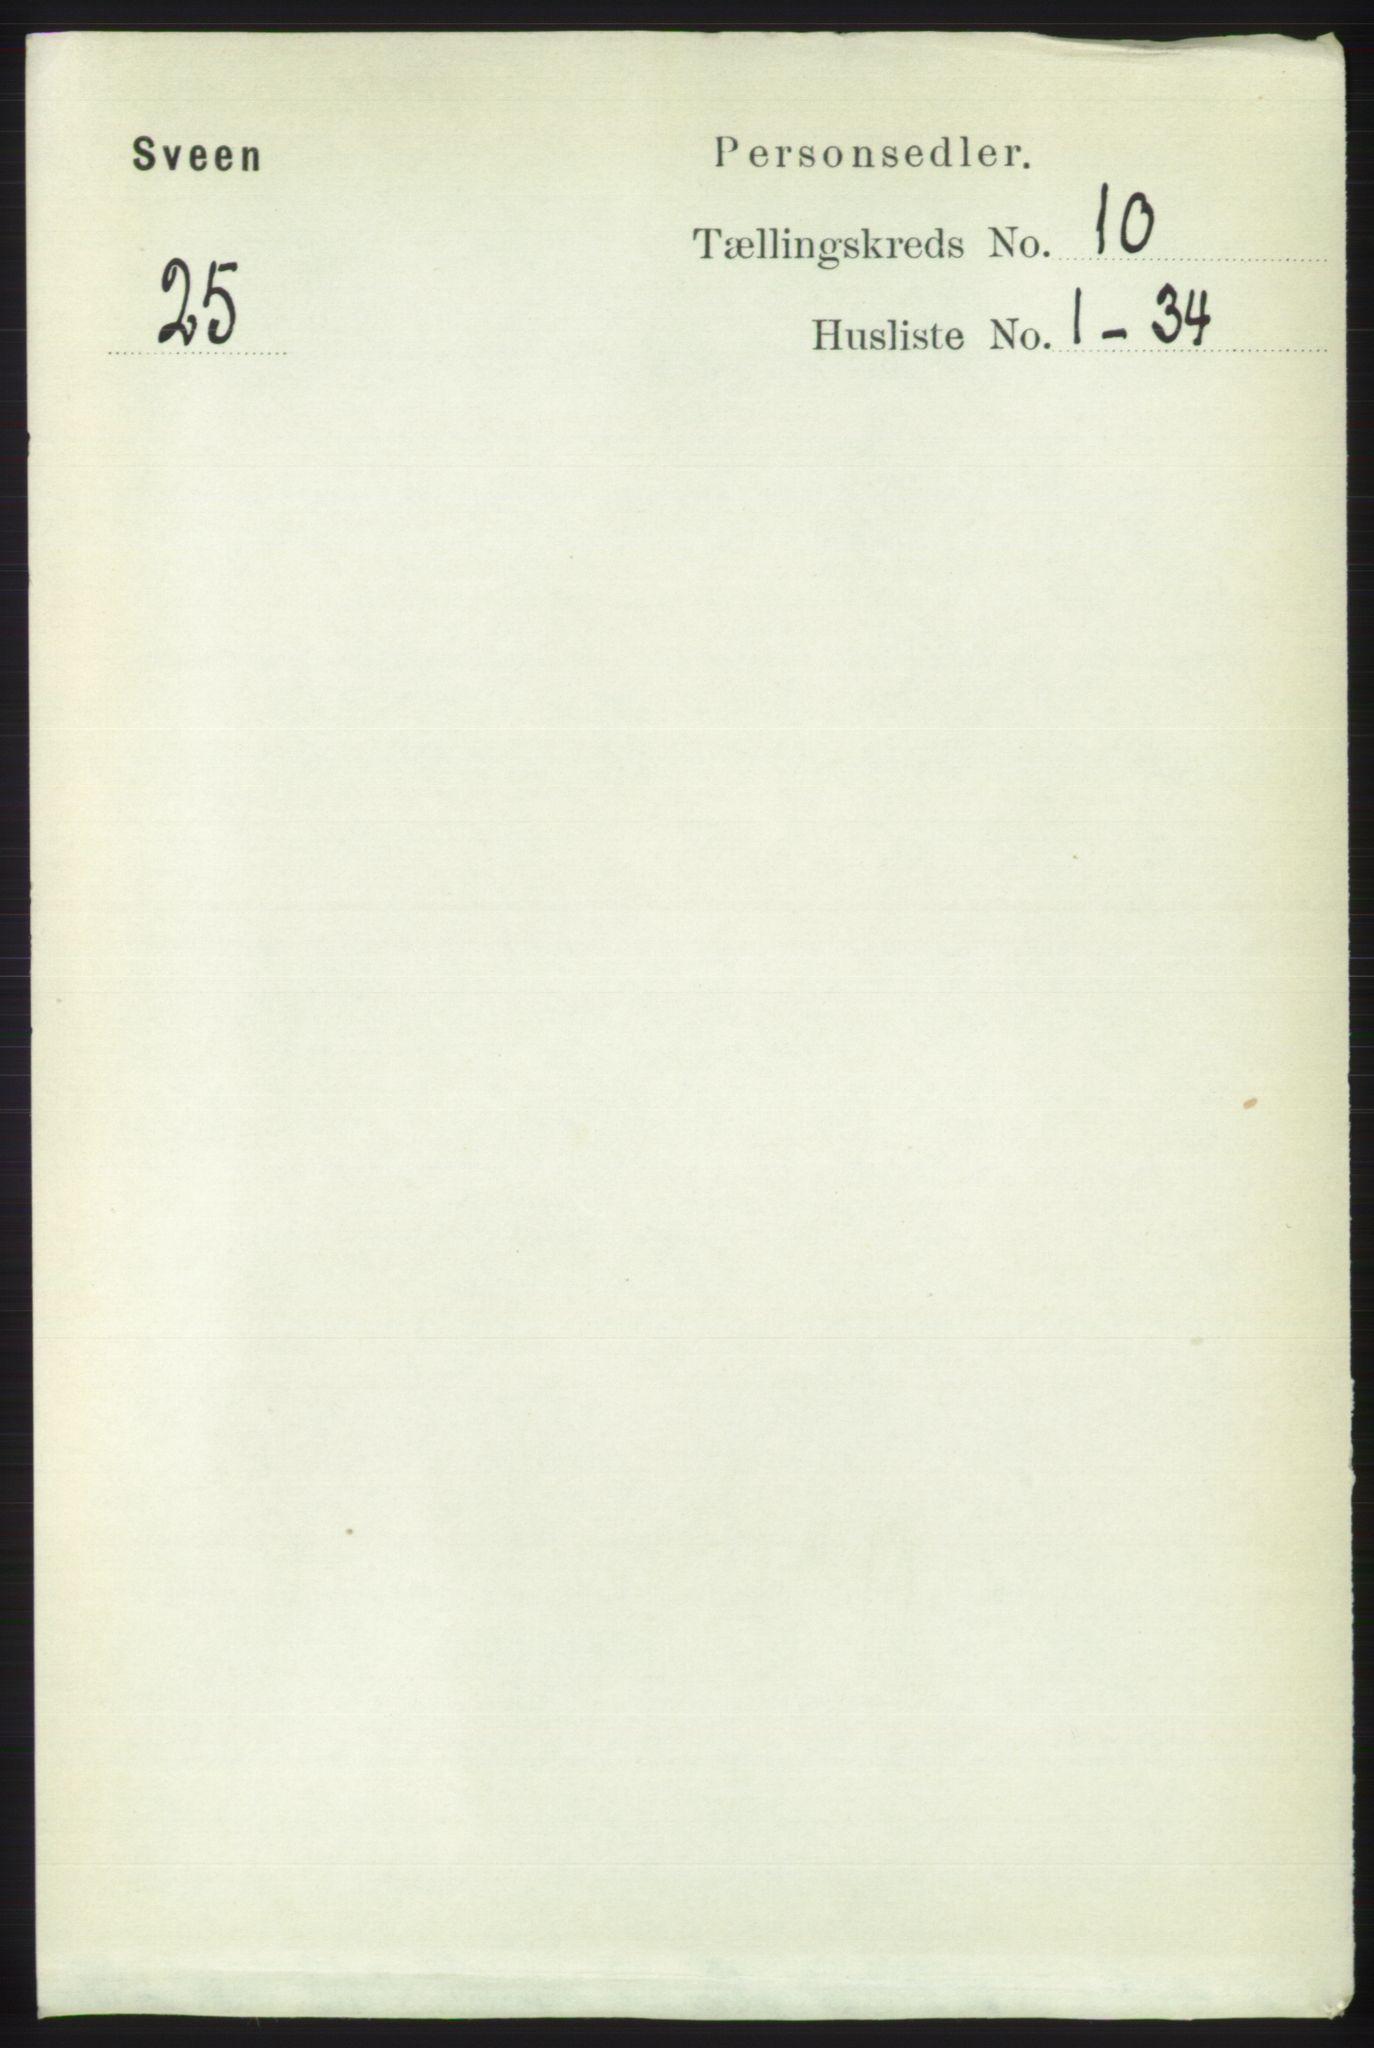 RA, Folketelling 1891 for 1216 Sveio herred, 1891, s. 2913